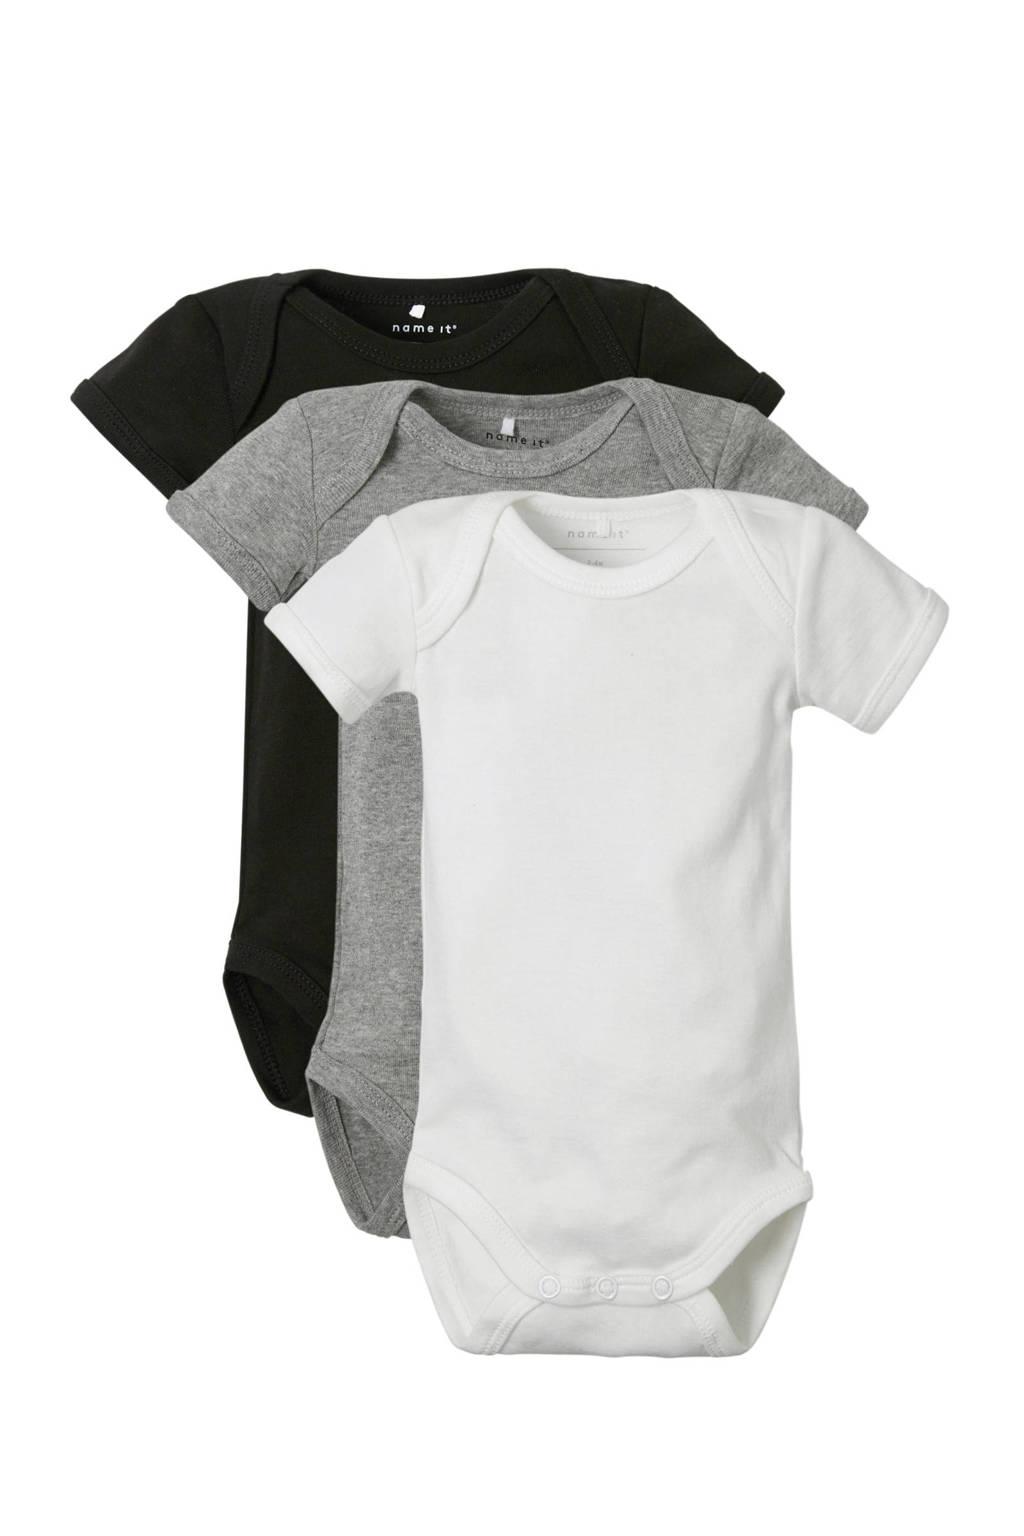 NAME IT BABY baby rompers uni - set van 3, Zwart/grijs/wit